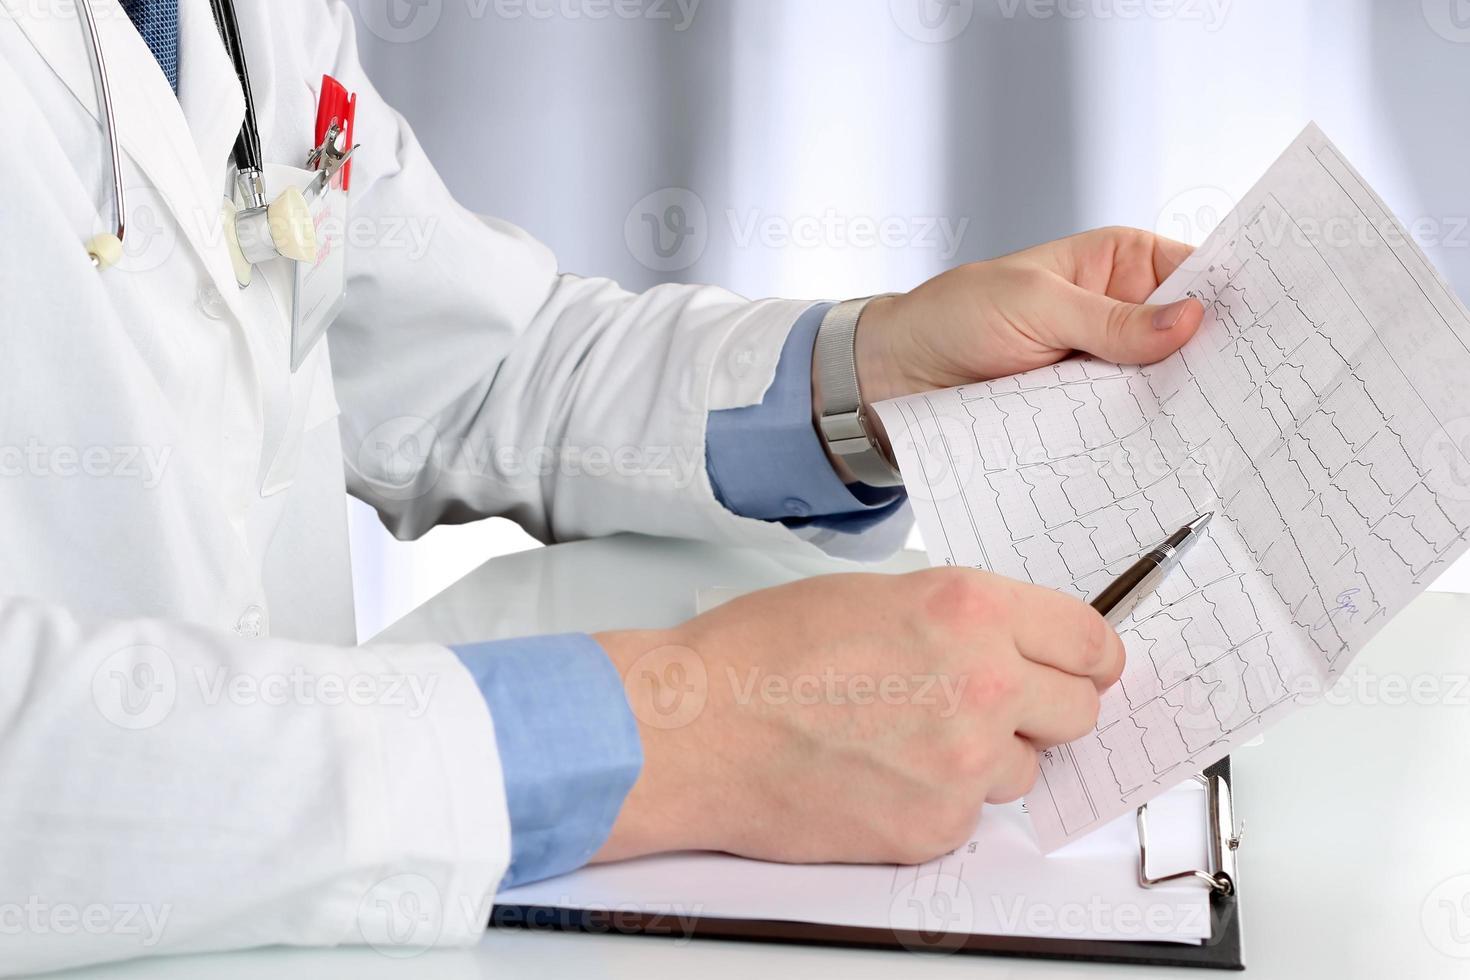 gezondheidszorg en geneeskundeconcept - arts met klembord analizing cardiogram foto